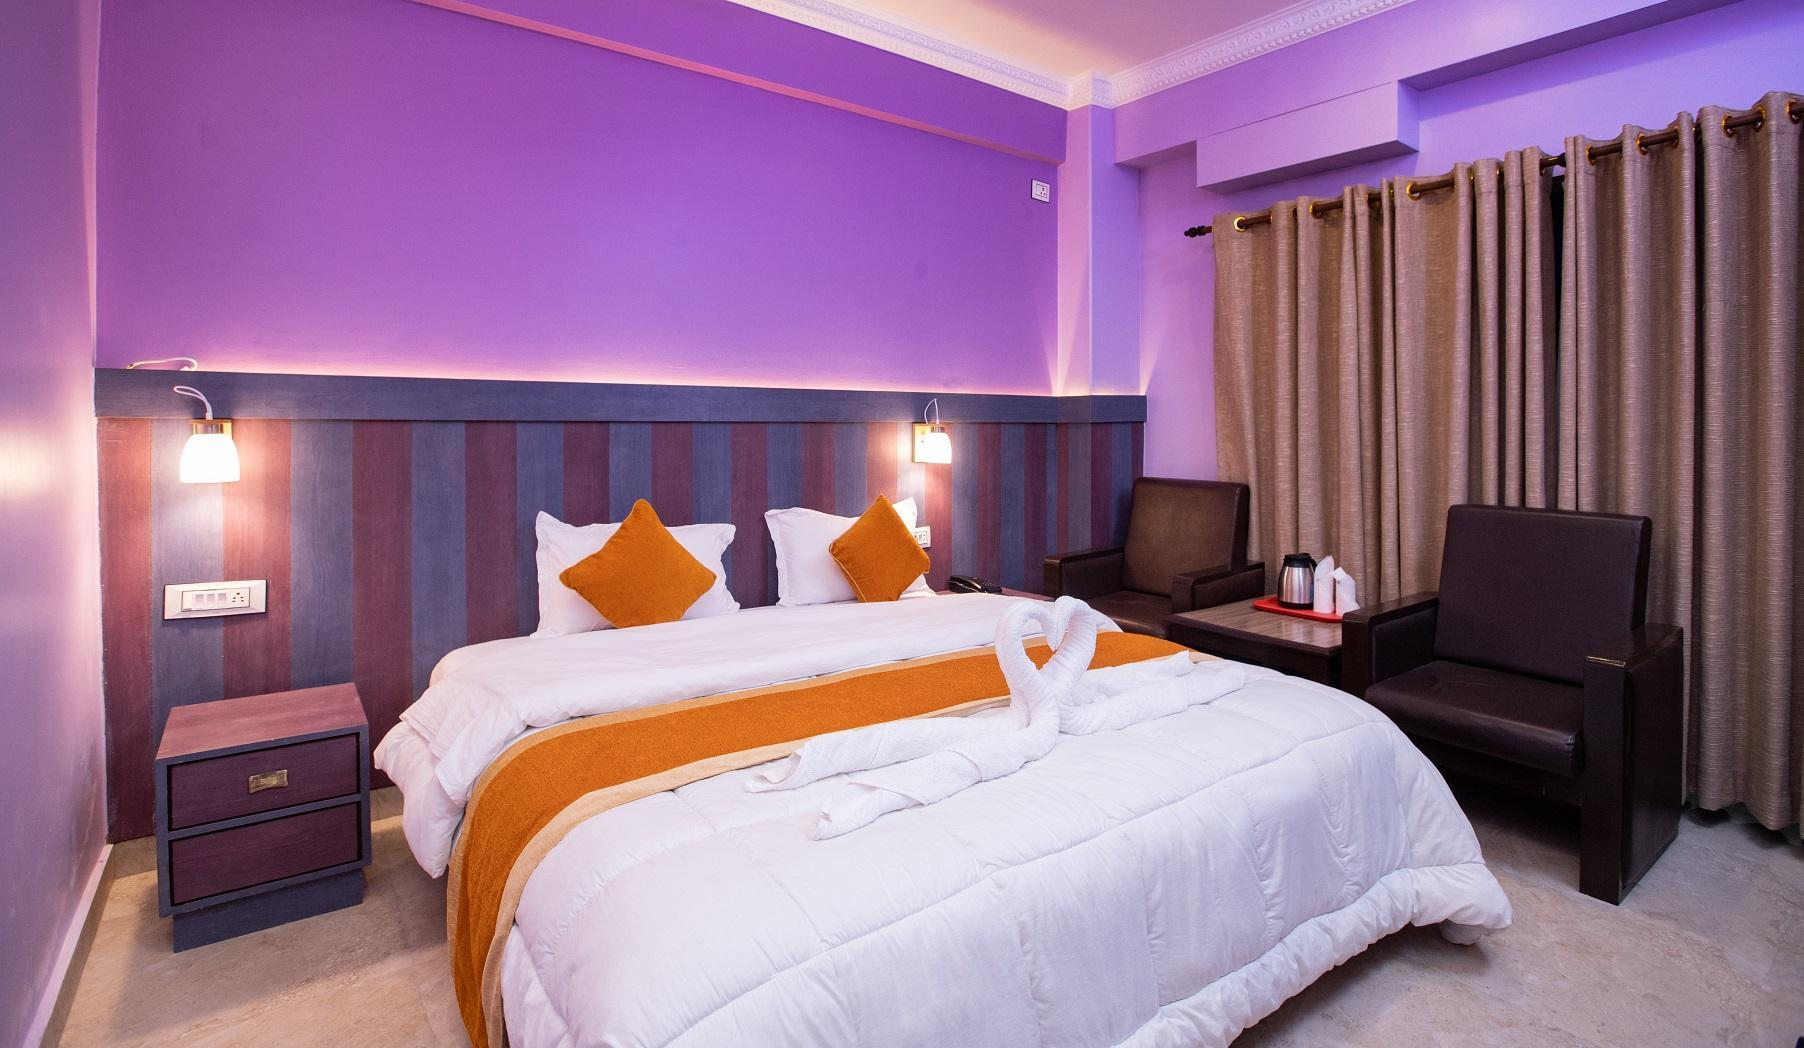 Hotel Visitors Inn P. Ltd.